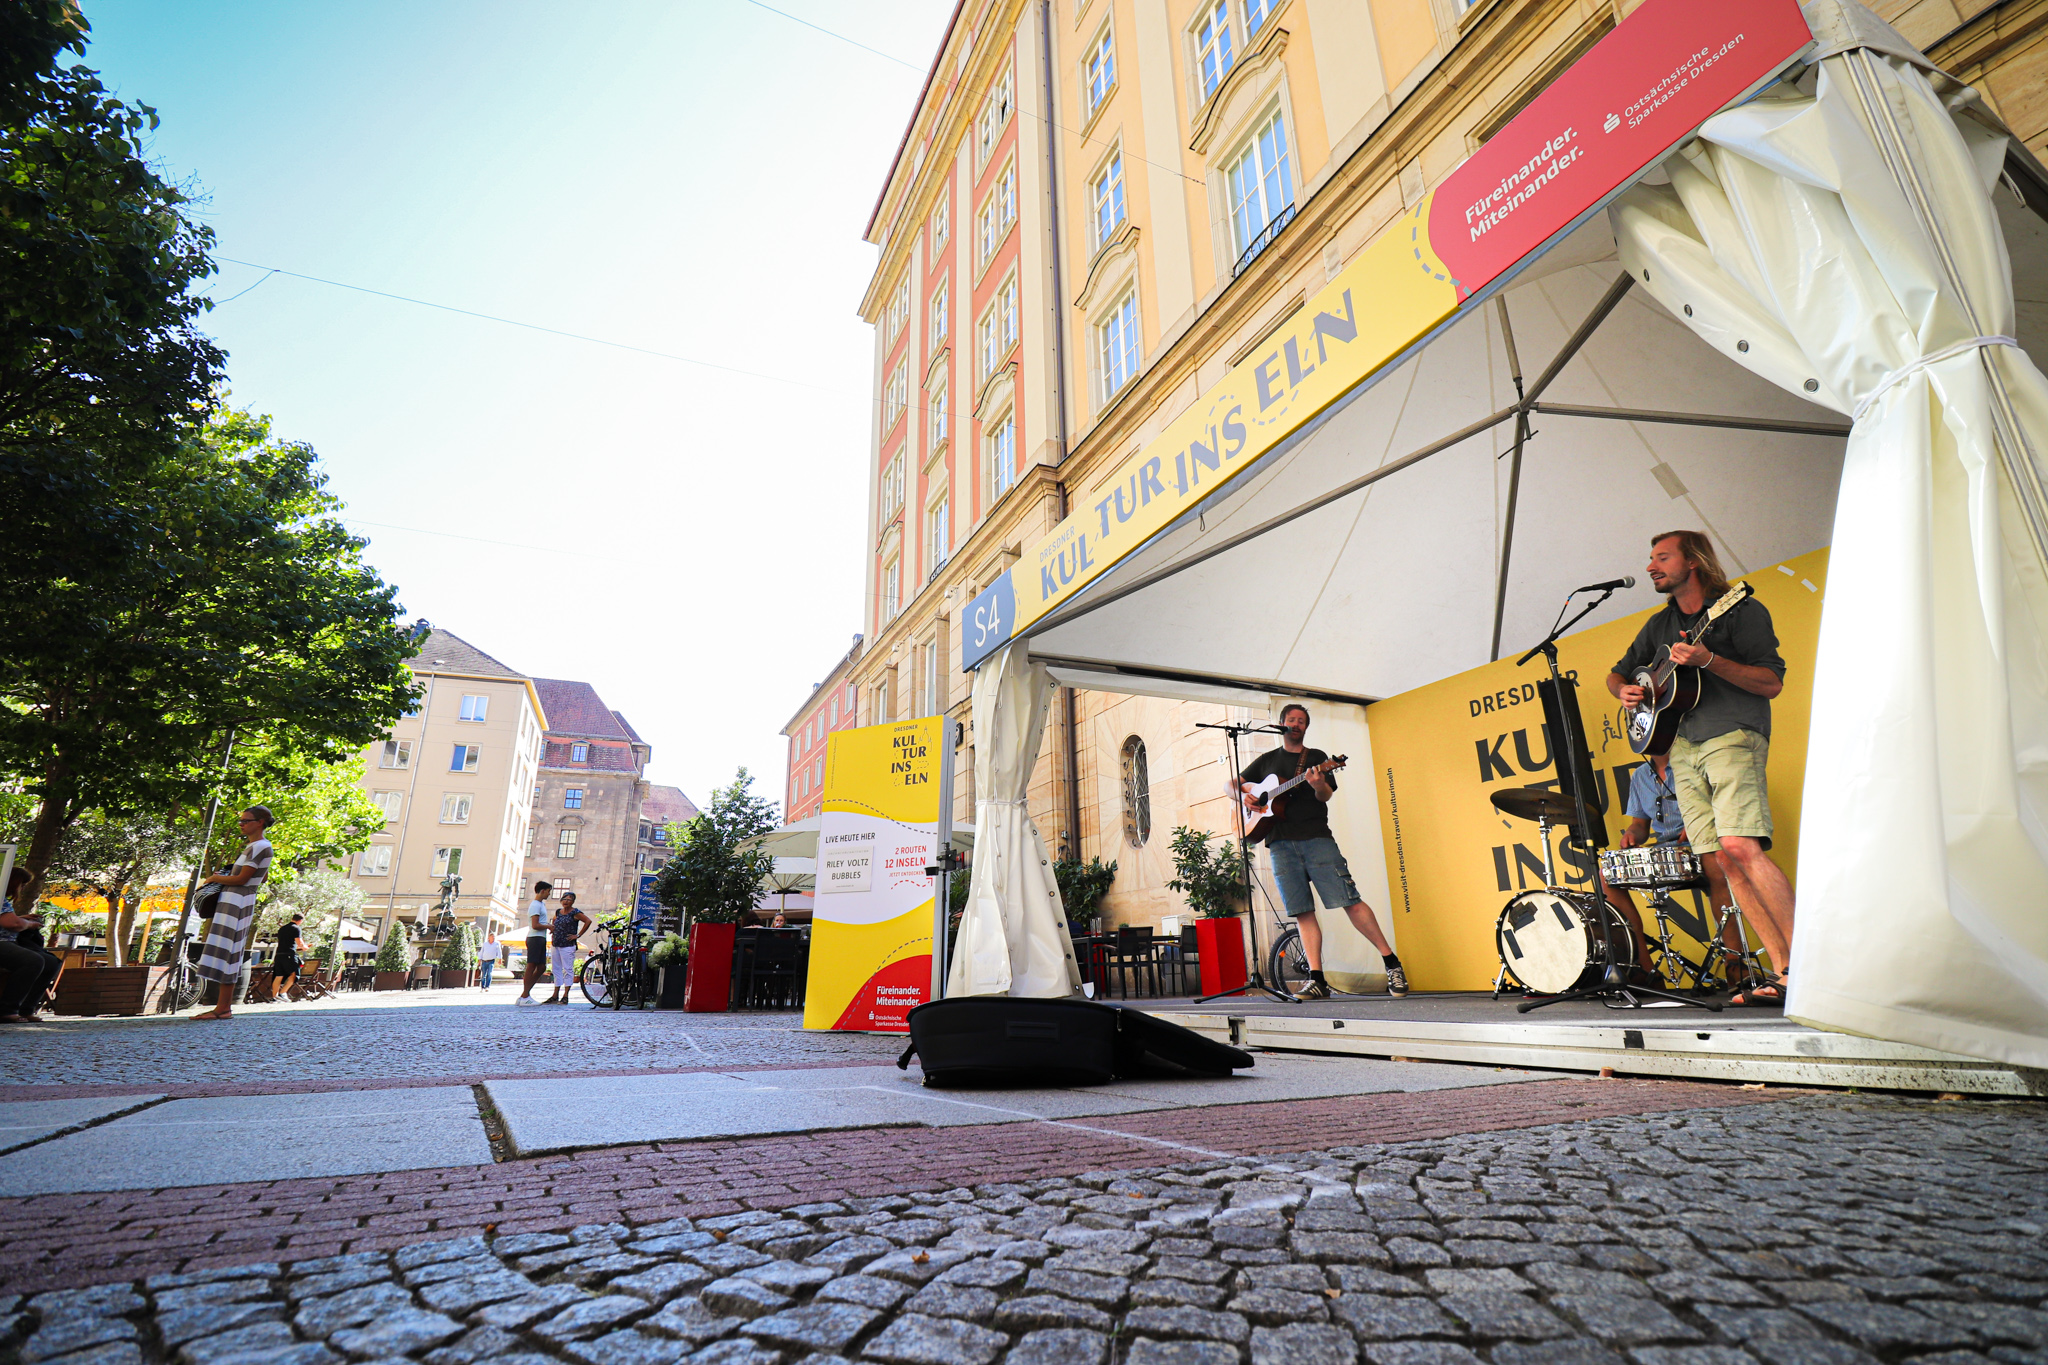 Dresdner Kulturinseln Künstler